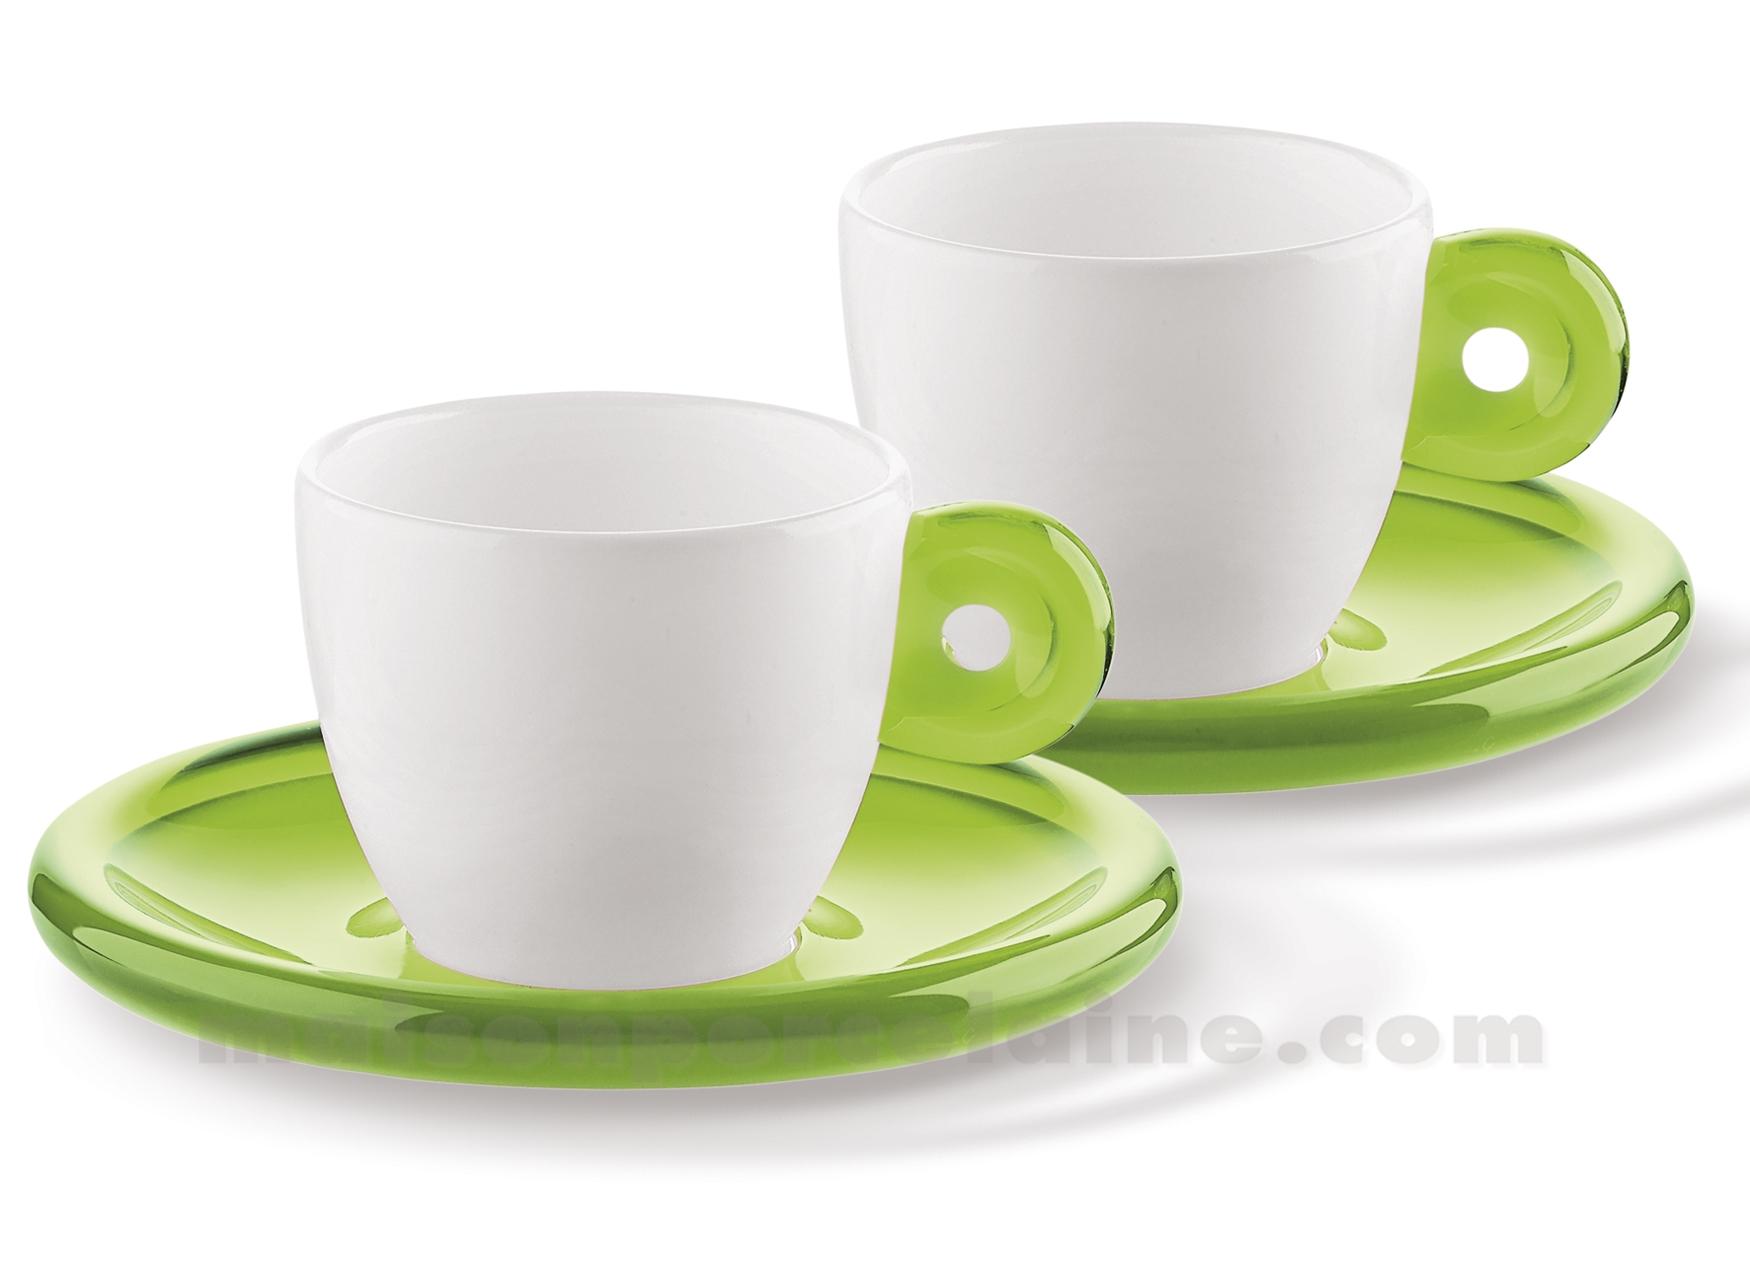 set de 2 tasses expresso porcelaine anse et soucoupe acrylique 25x17x9 5cl maison de la porcelaine. Black Bedroom Furniture Sets. Home Design Ideas